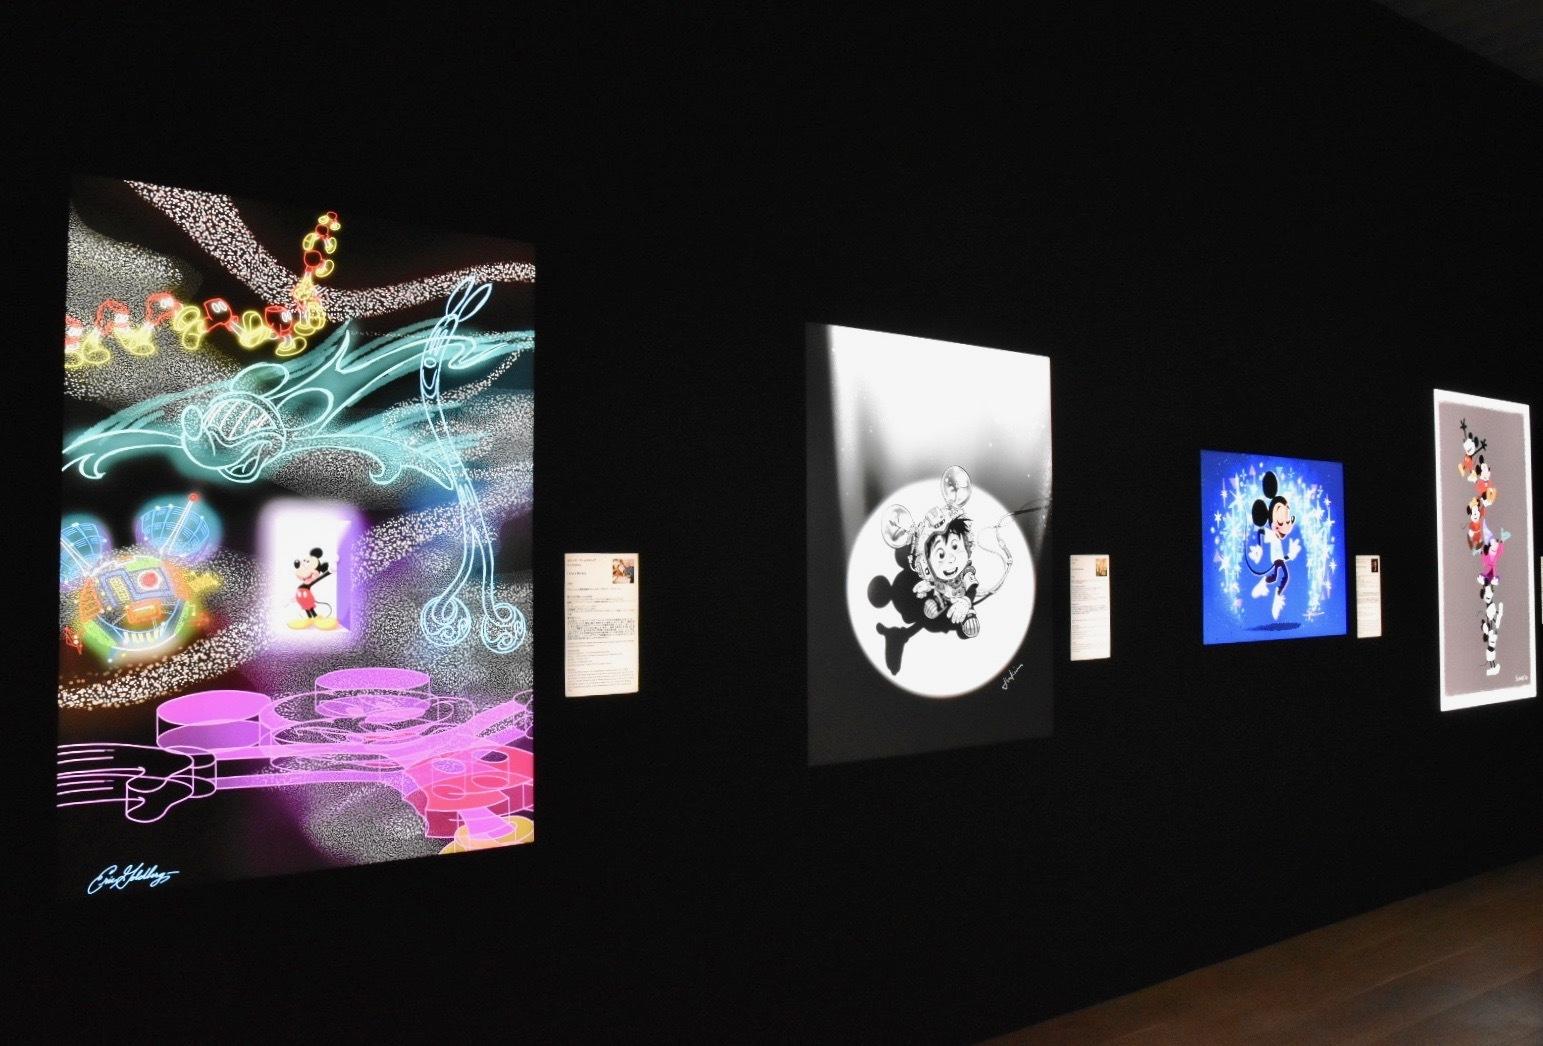 左から:Eric Goldberg《Future Mickey》、Jin Kim《Ray of Tomorrow》、 Griselda Sastrawinata-Lemay《Dancing Into the Future》、Bill Schwab《Standing on the Shoulders of Giants》(C)Disney